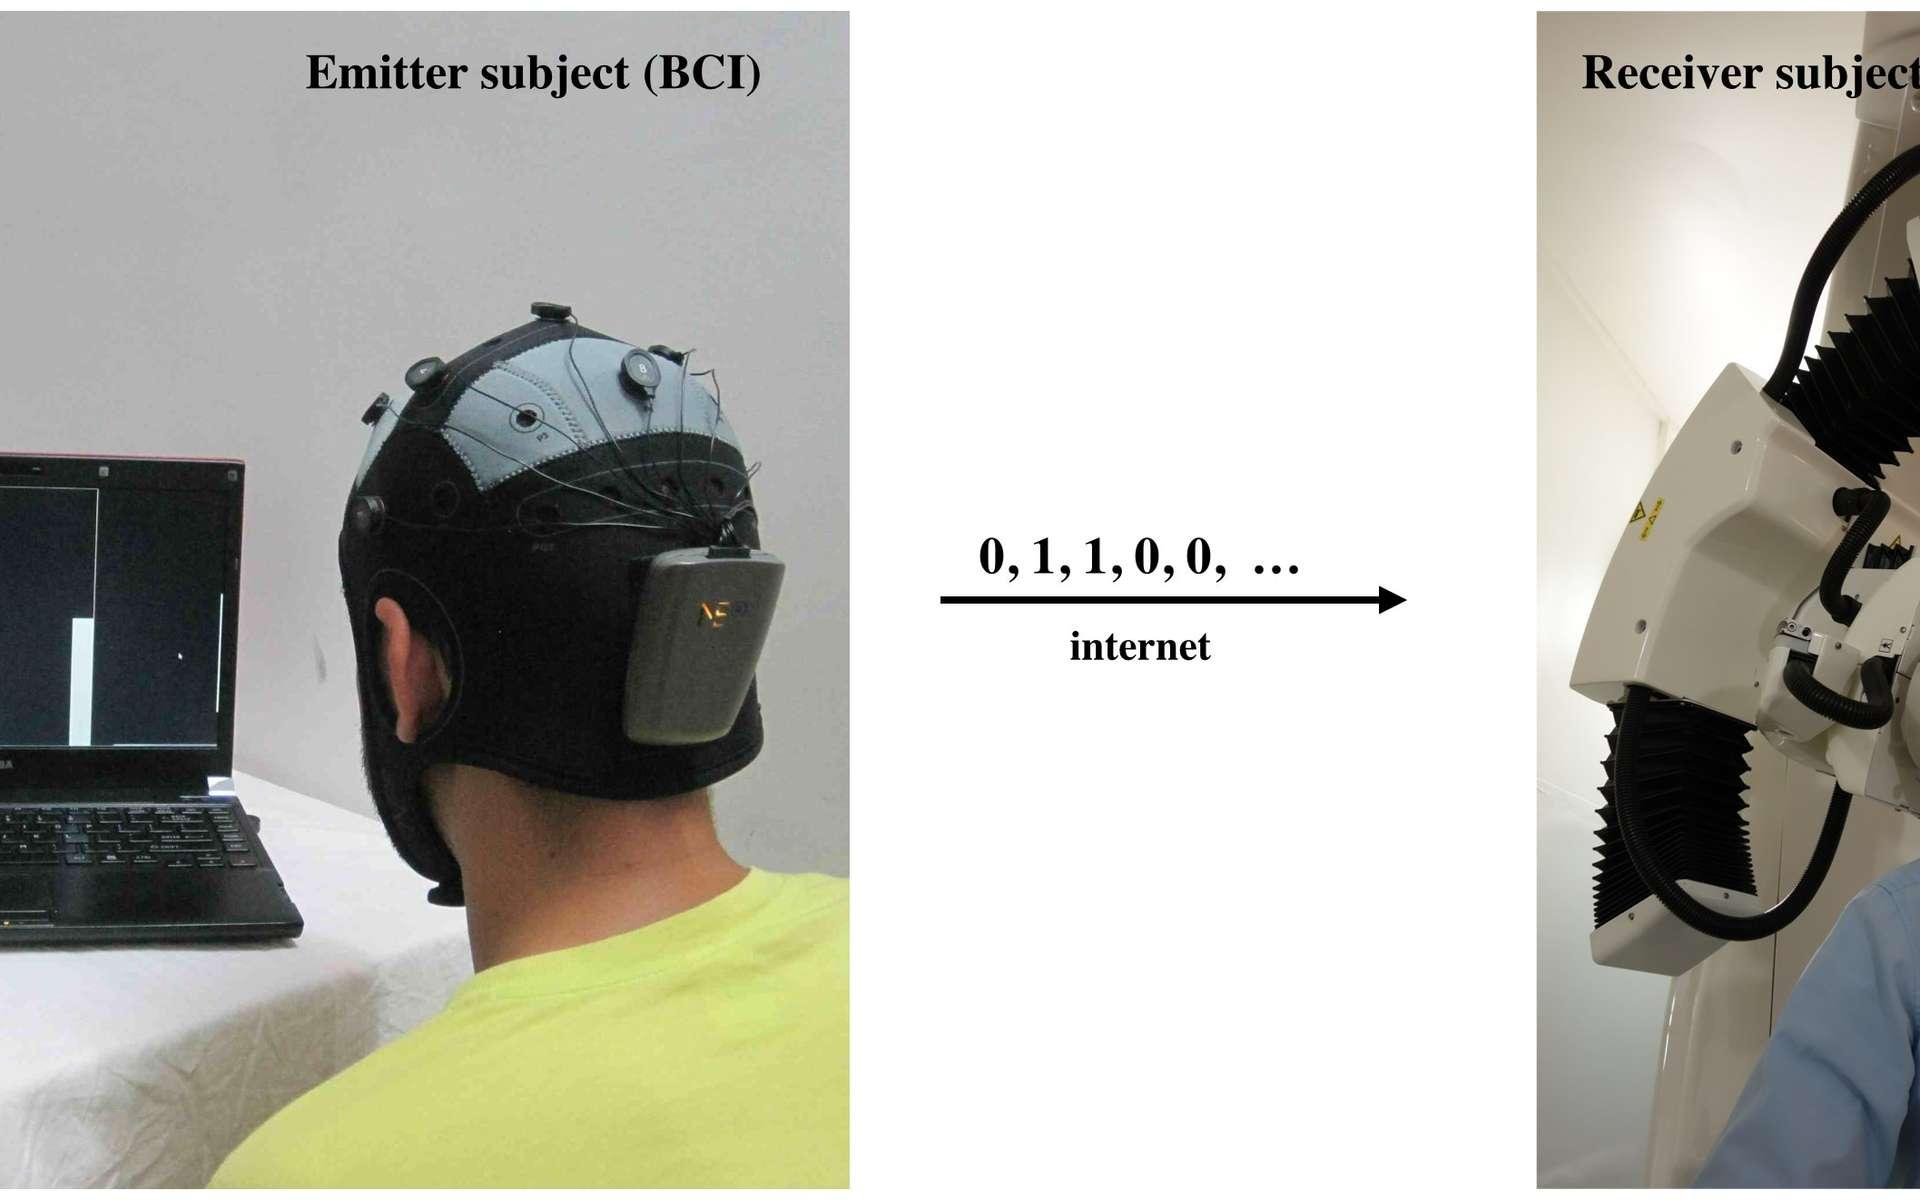 À gauche, le sujet, porteur d'un casque EEG, vient de penser à bouger ses pieds. En guise de confirmation du message envoyé (un « 0 » en l'occurrence), la balle et la barre de l'écran sont descendues vers le bas. L'information est transmise sur le réseau Internet (par courrier électronique) au destinataire (à droite), équipé d'un dispositif transmettant des signaux magnétiques à son cerveau. Selon que l'expéditeur a envoyé un « 1 » ou un « 0 », il percevra, ou non, un illusion lumineuse. © 2014 Grau et al.